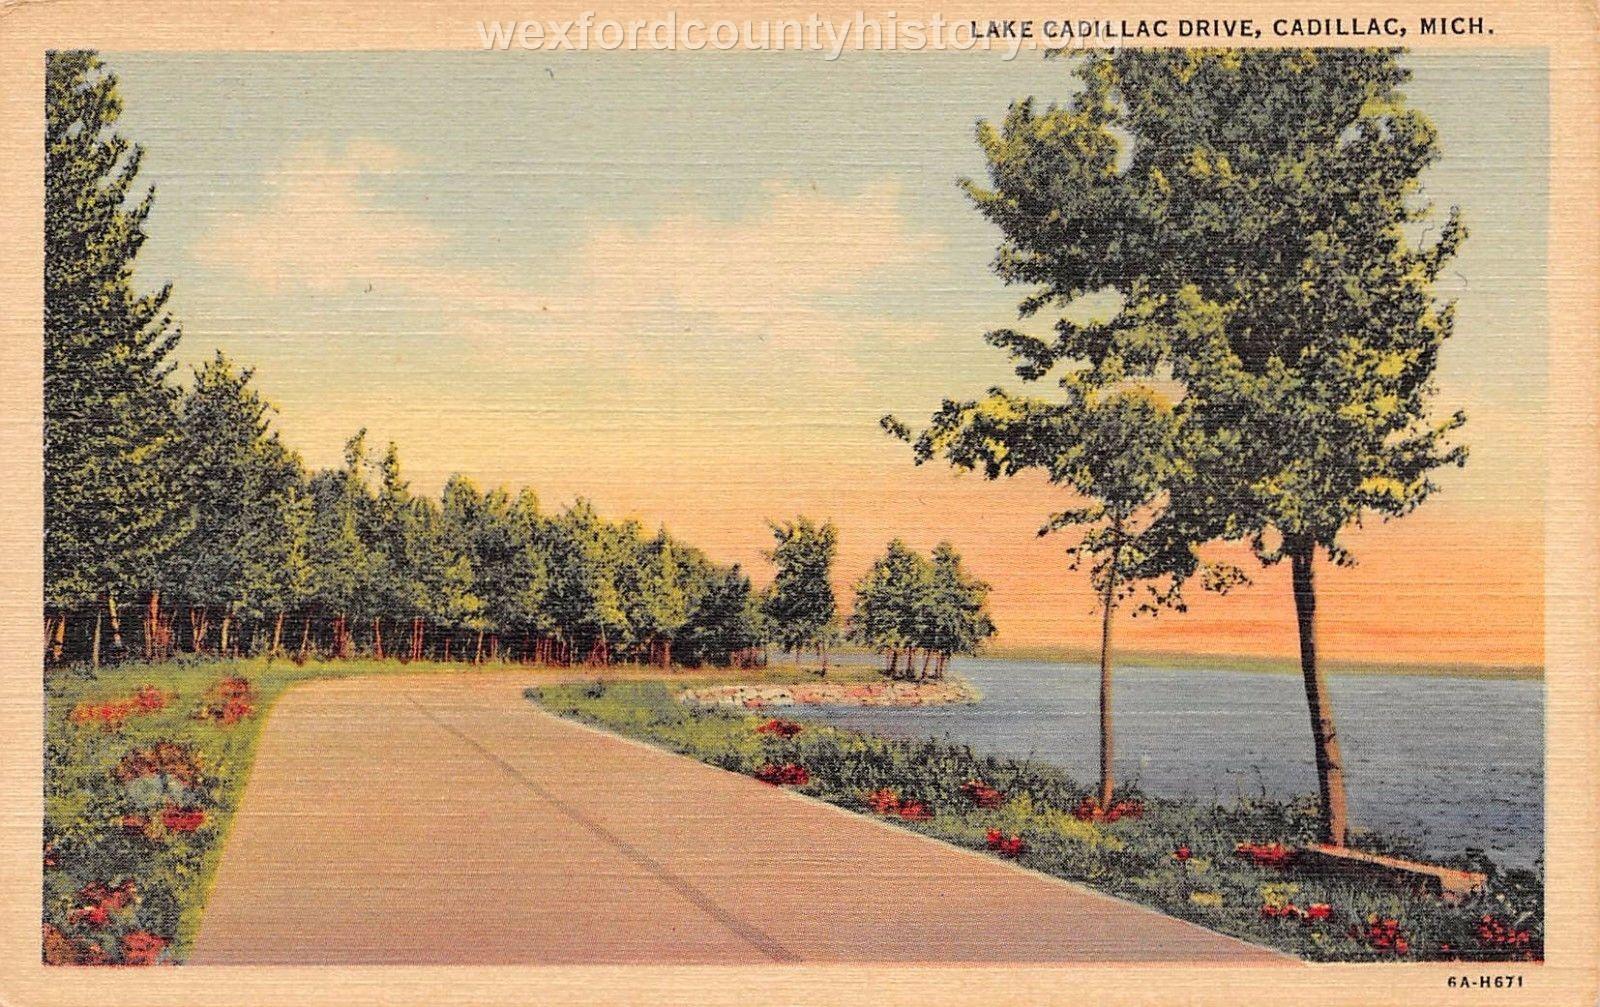 Cadillac-Recreation-North-Boulevard-And-Lake-Cadillac-9